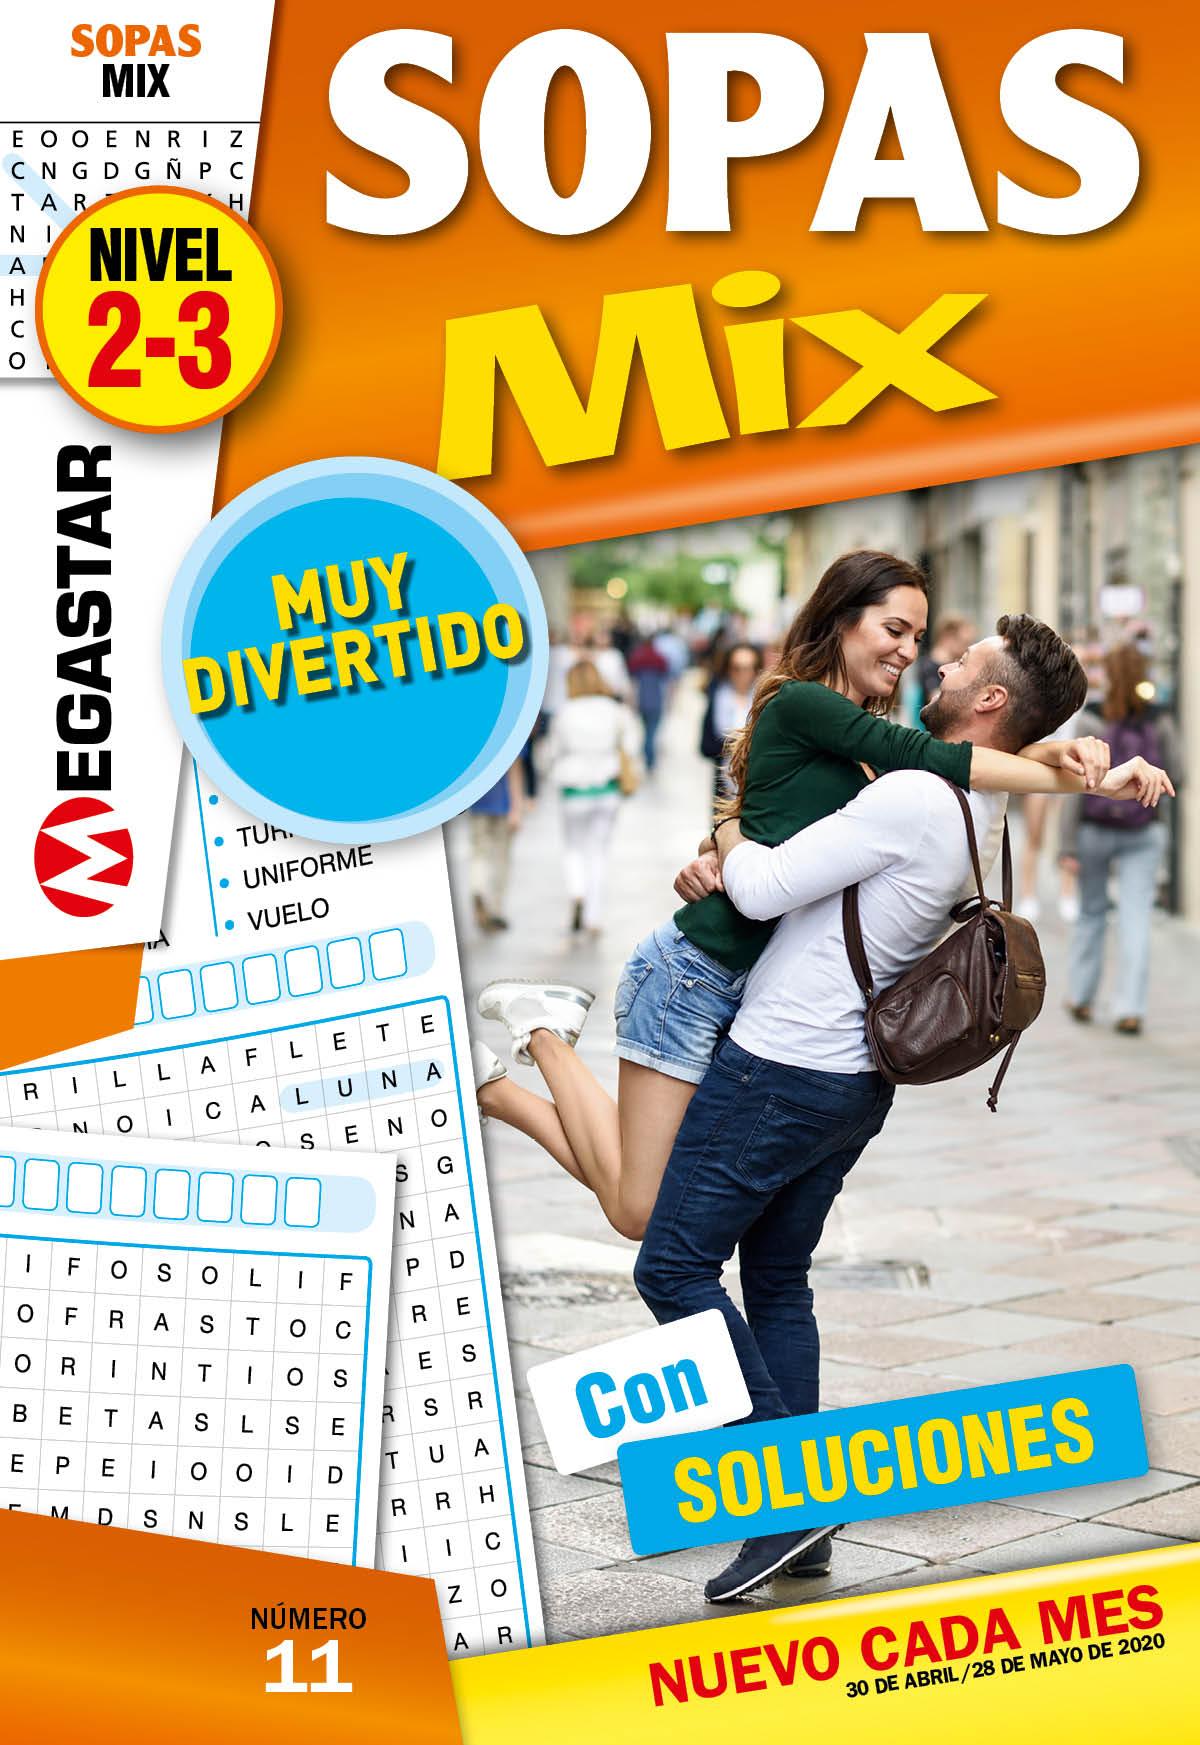 Sopas Mix Nivel 2-3